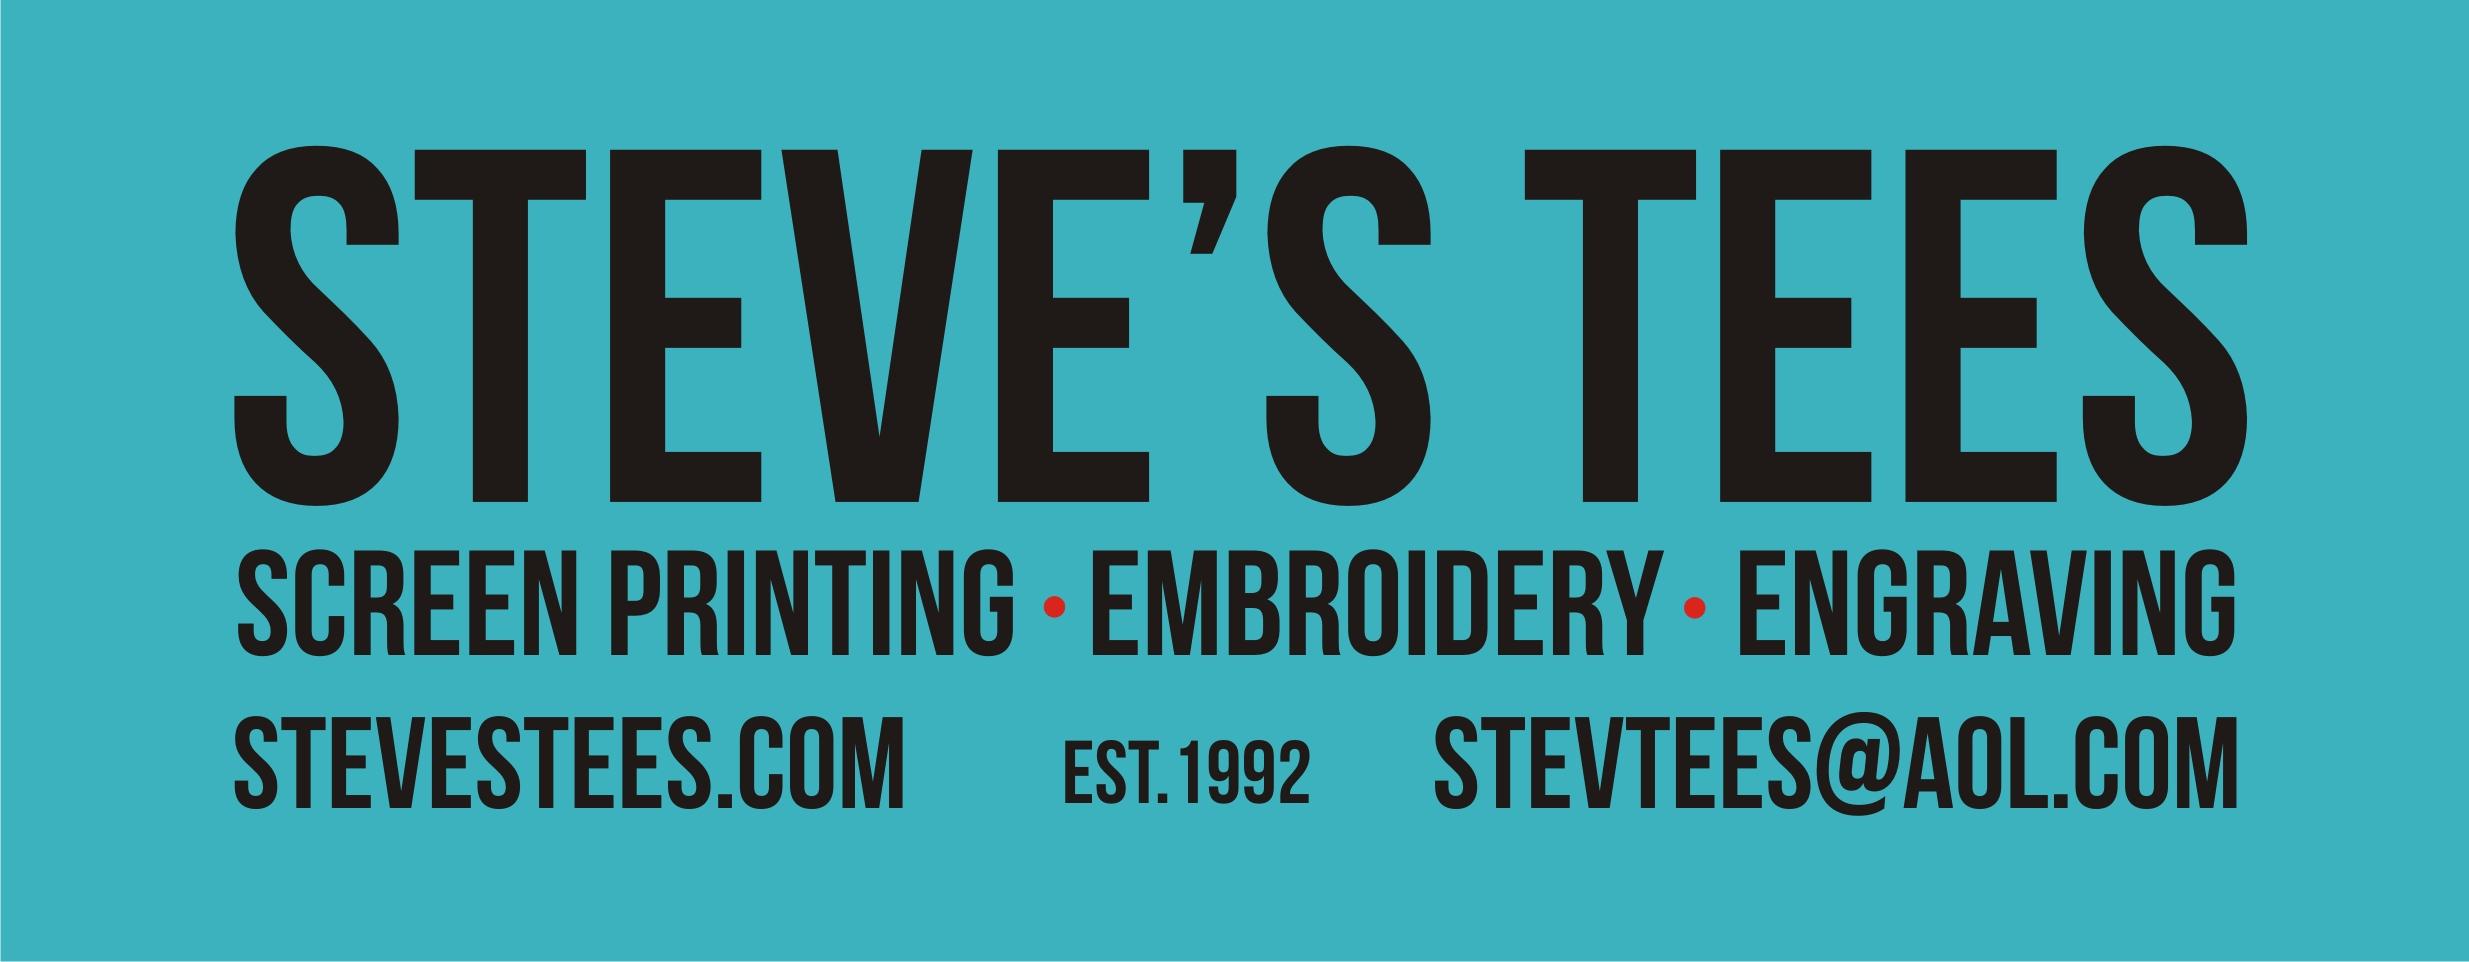 steve-s-tees-banner.jpg